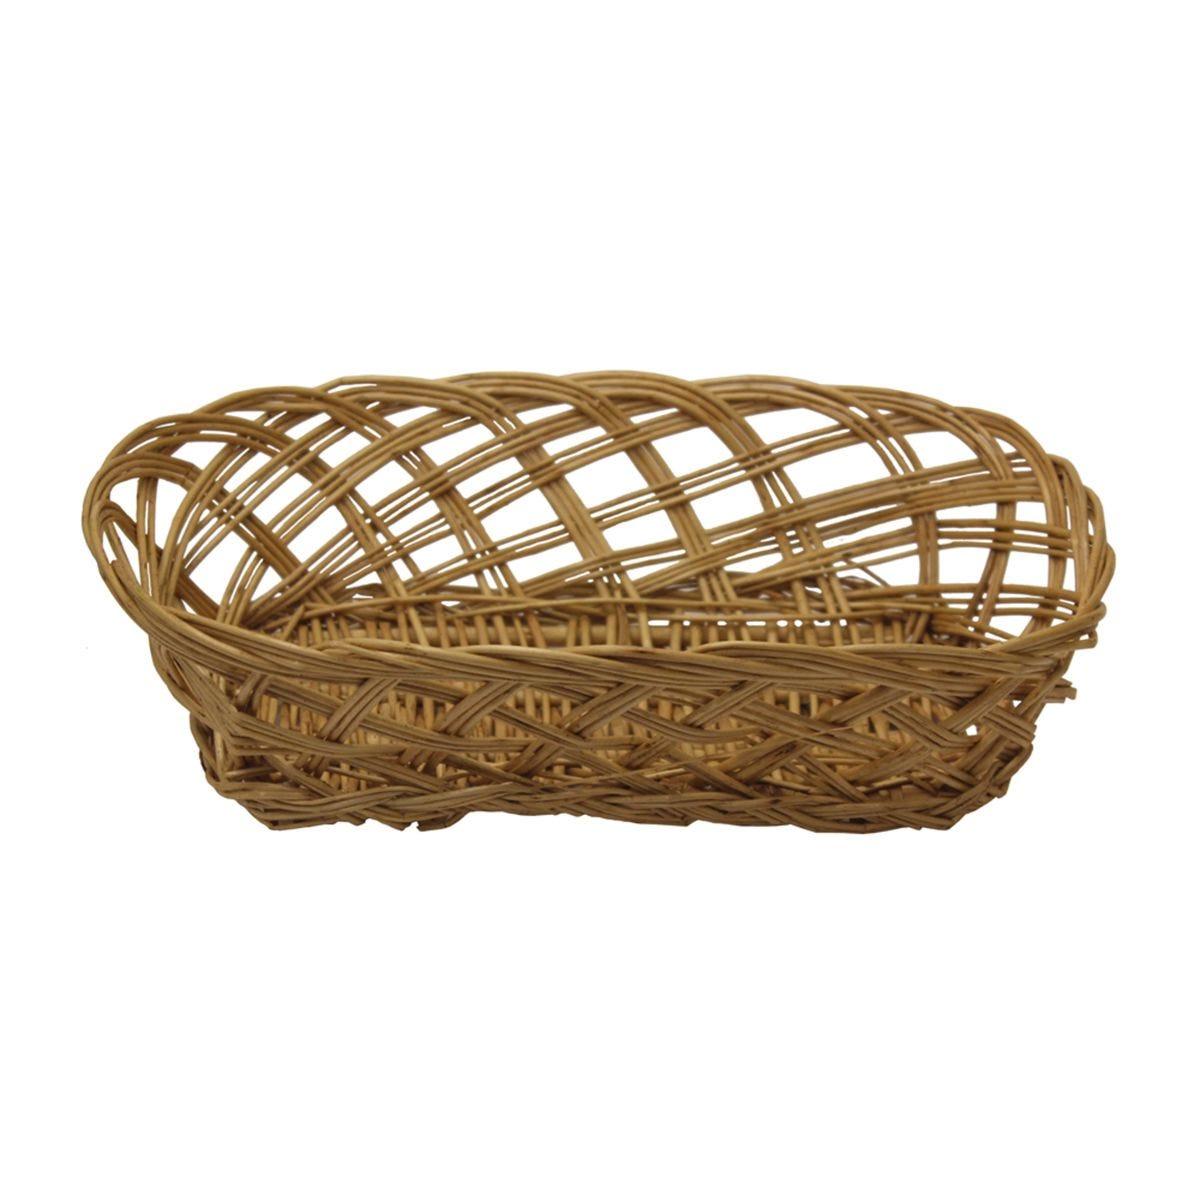 JVL Steamed Willow Open Weave Basket 25.5 x 15.5 cm